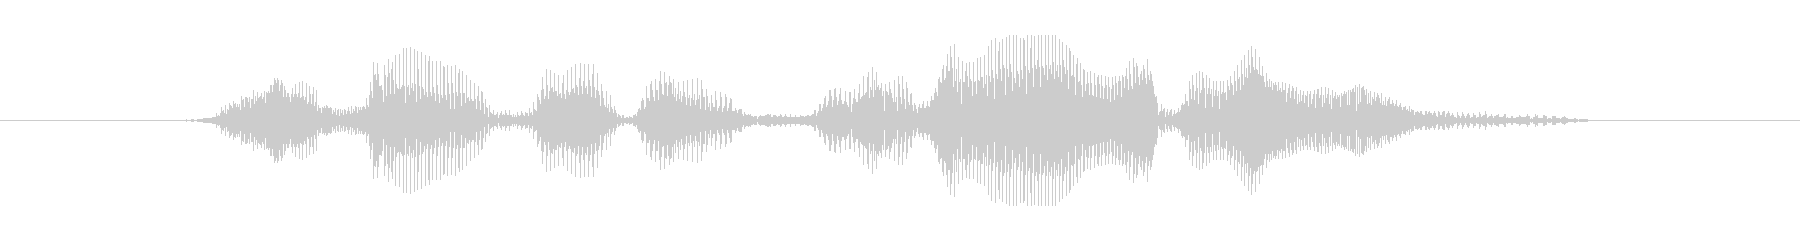 8 今なら貰える DJ風の未再生の波形